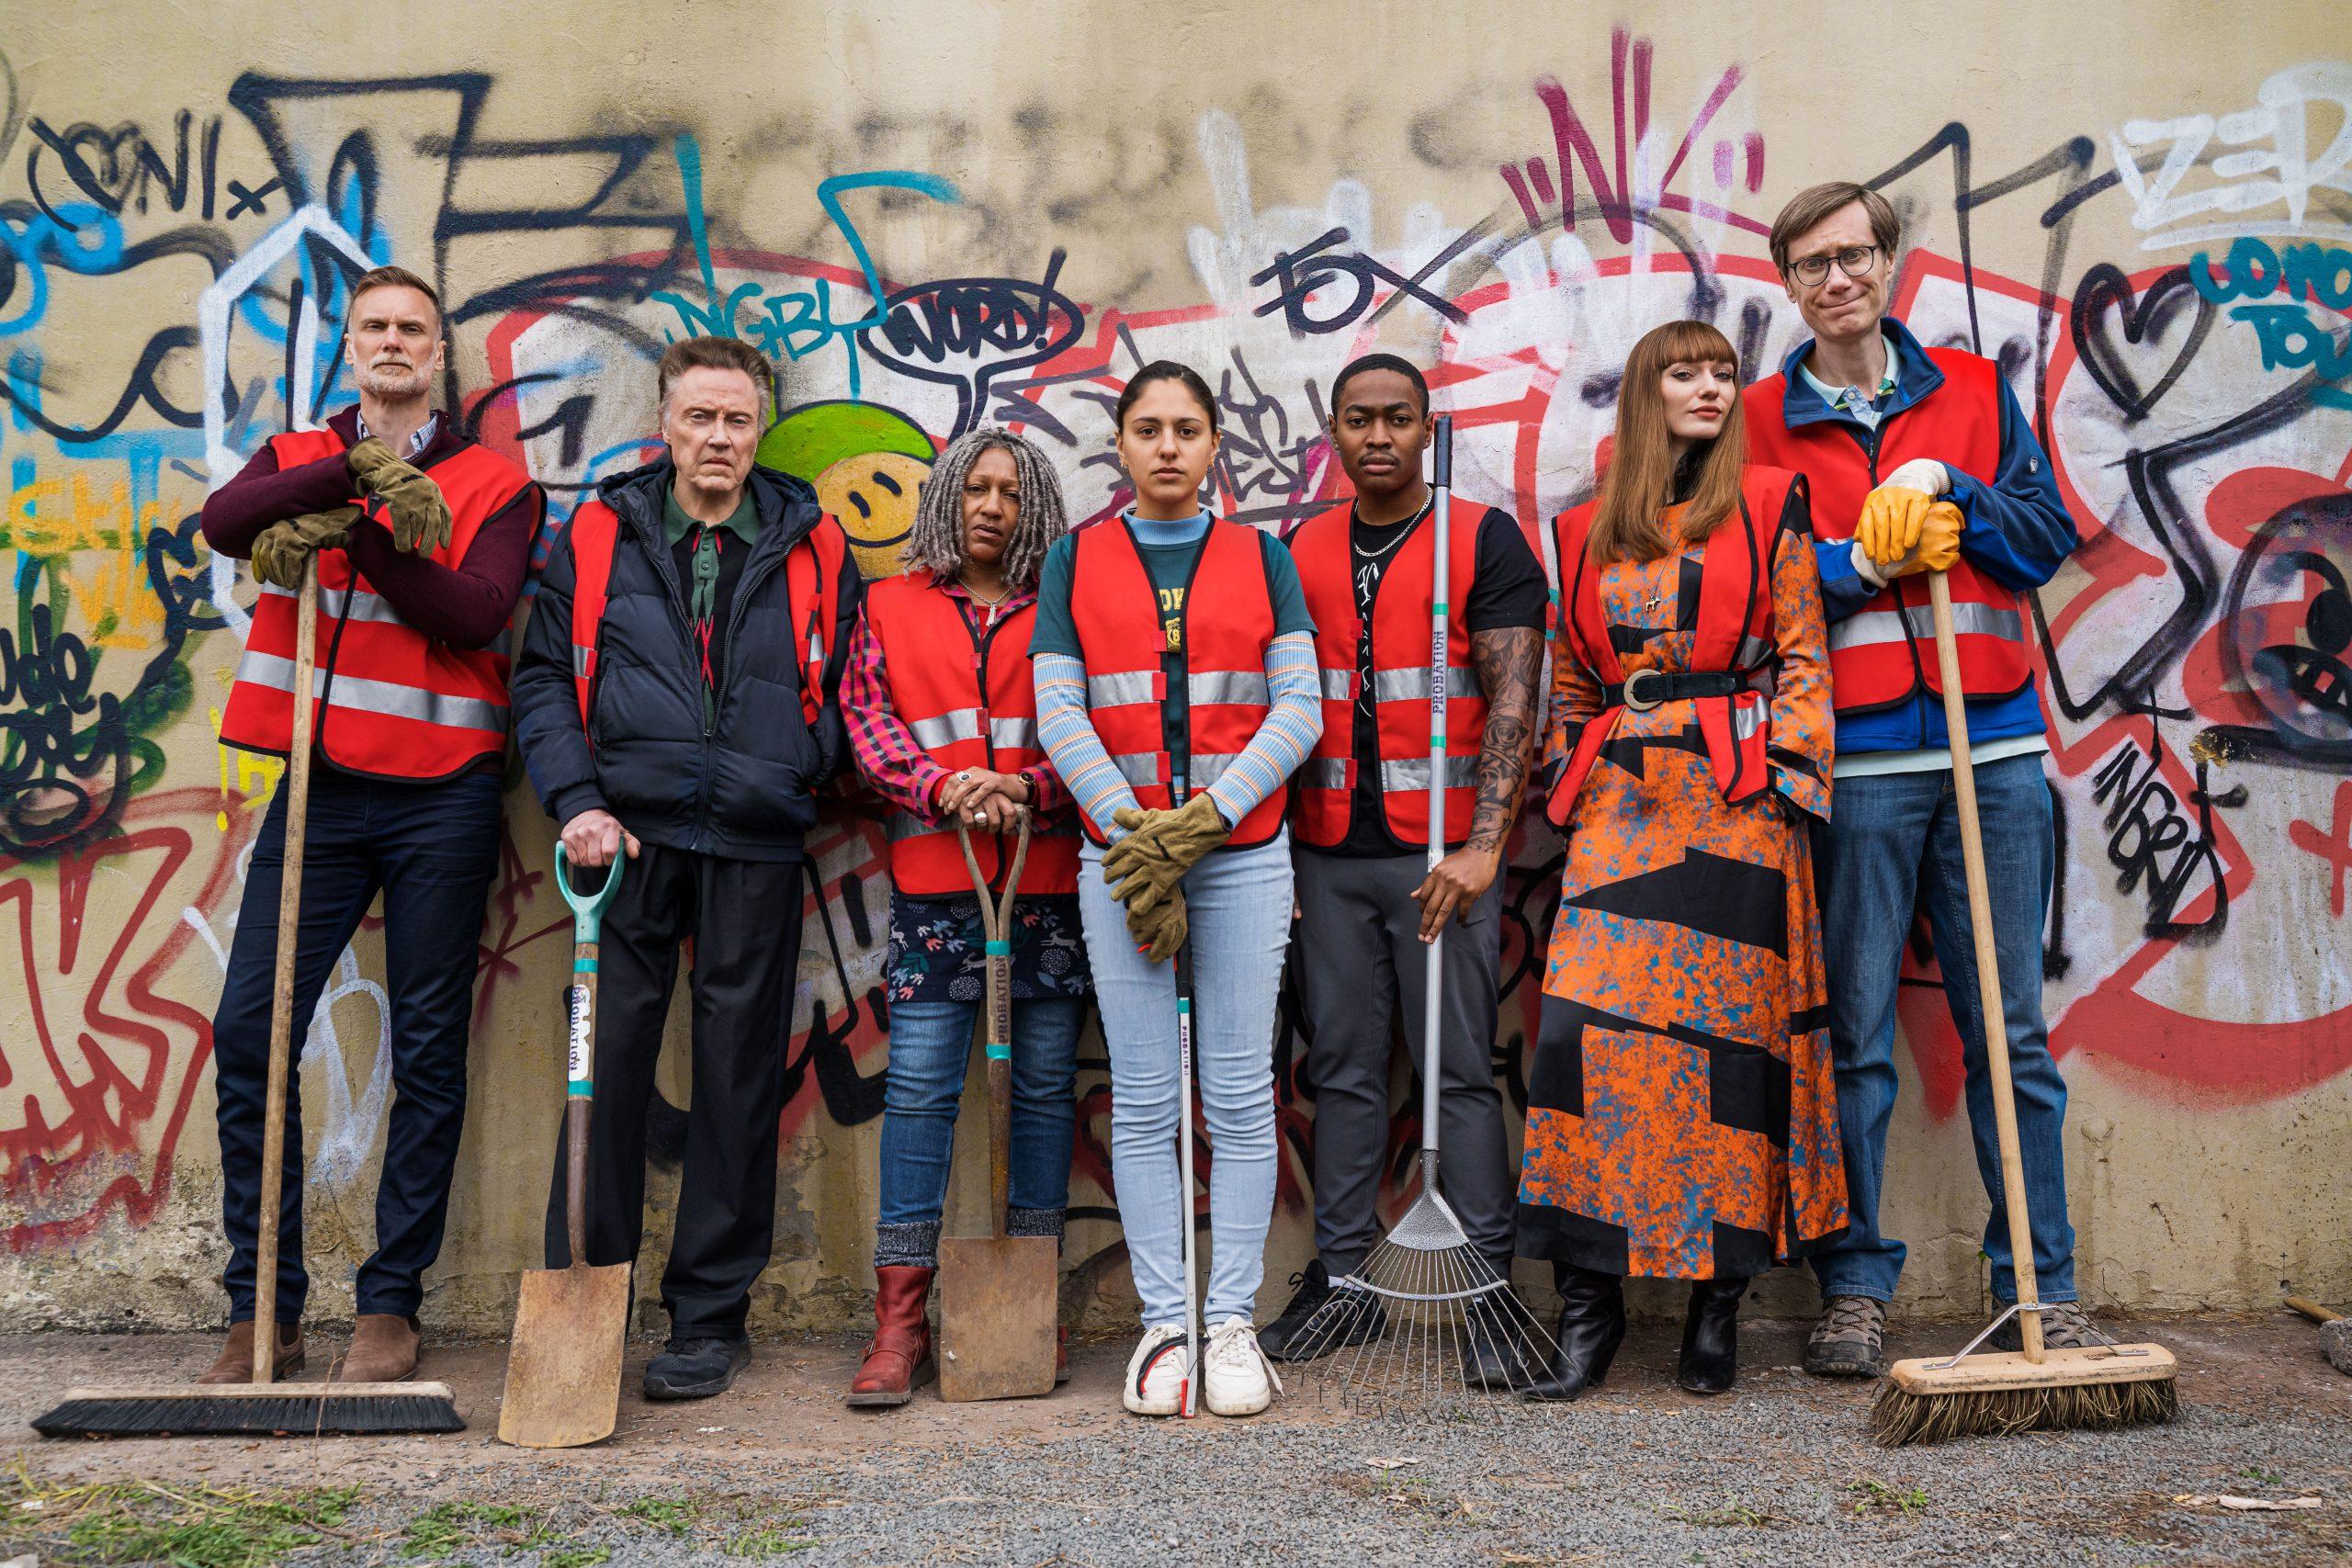 Les acteurs de la nouvelle émission de la BBC, The Outlaws.